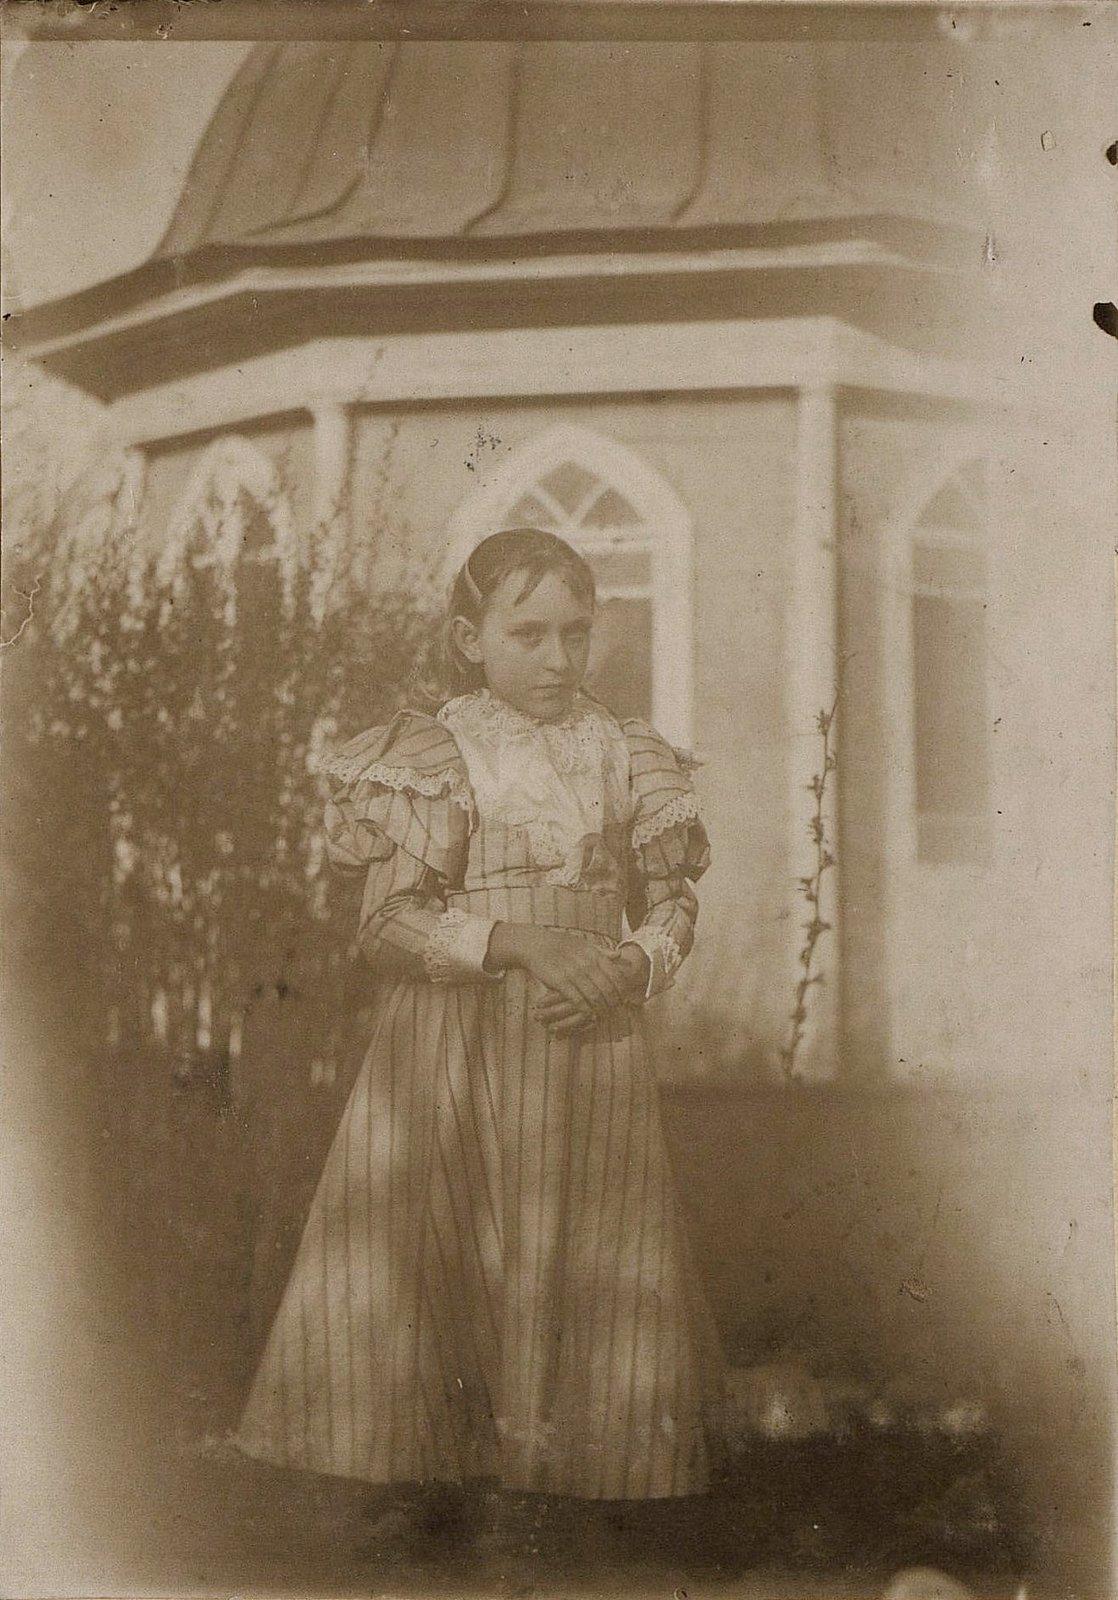 09. Неизвестная девушка. 1890-е